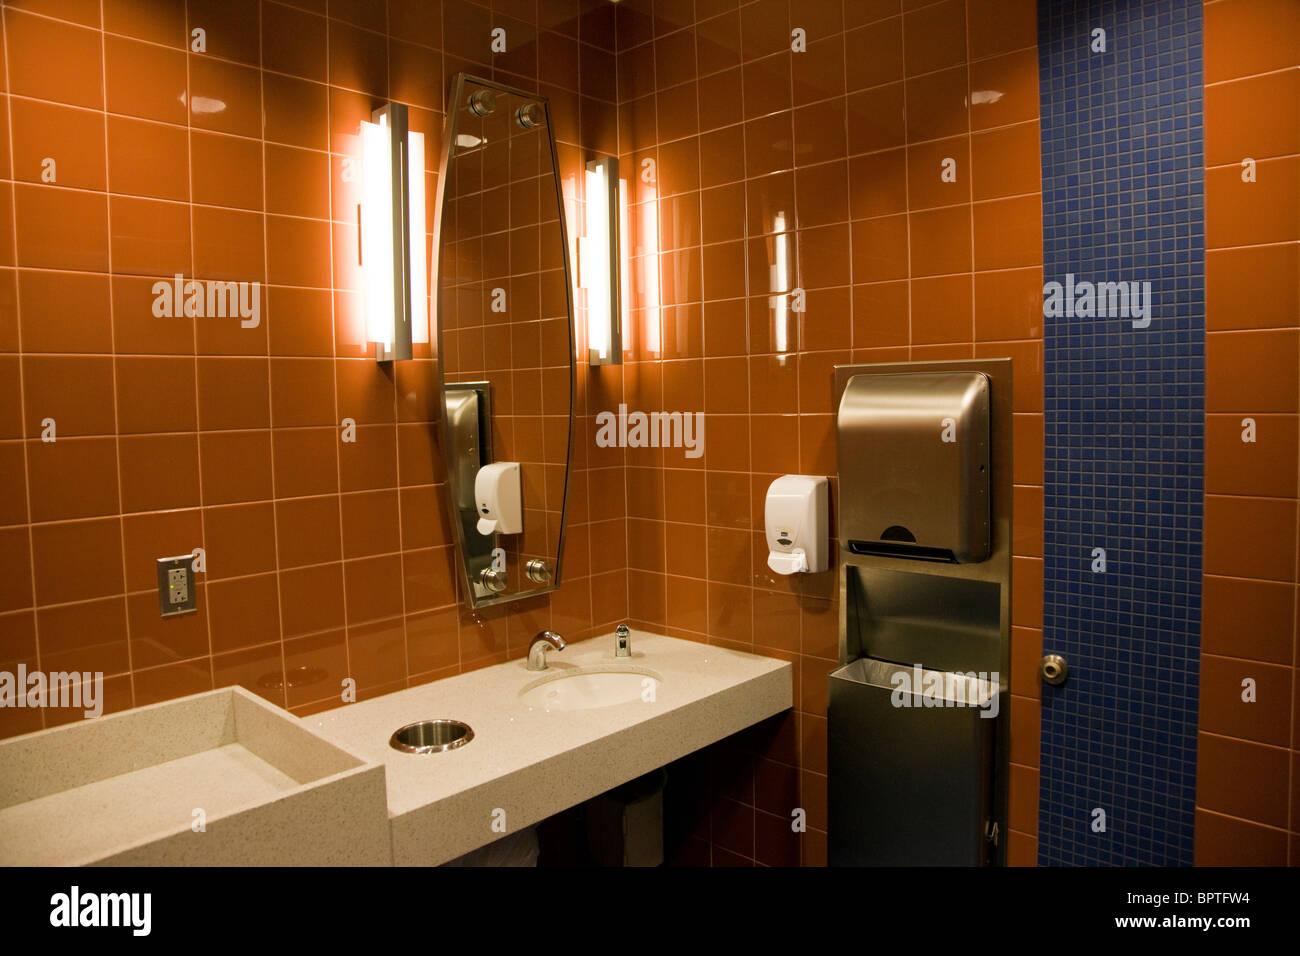 Toilette Da Bagno : Sala da bagno toilette l aeroporto internazionale di denver